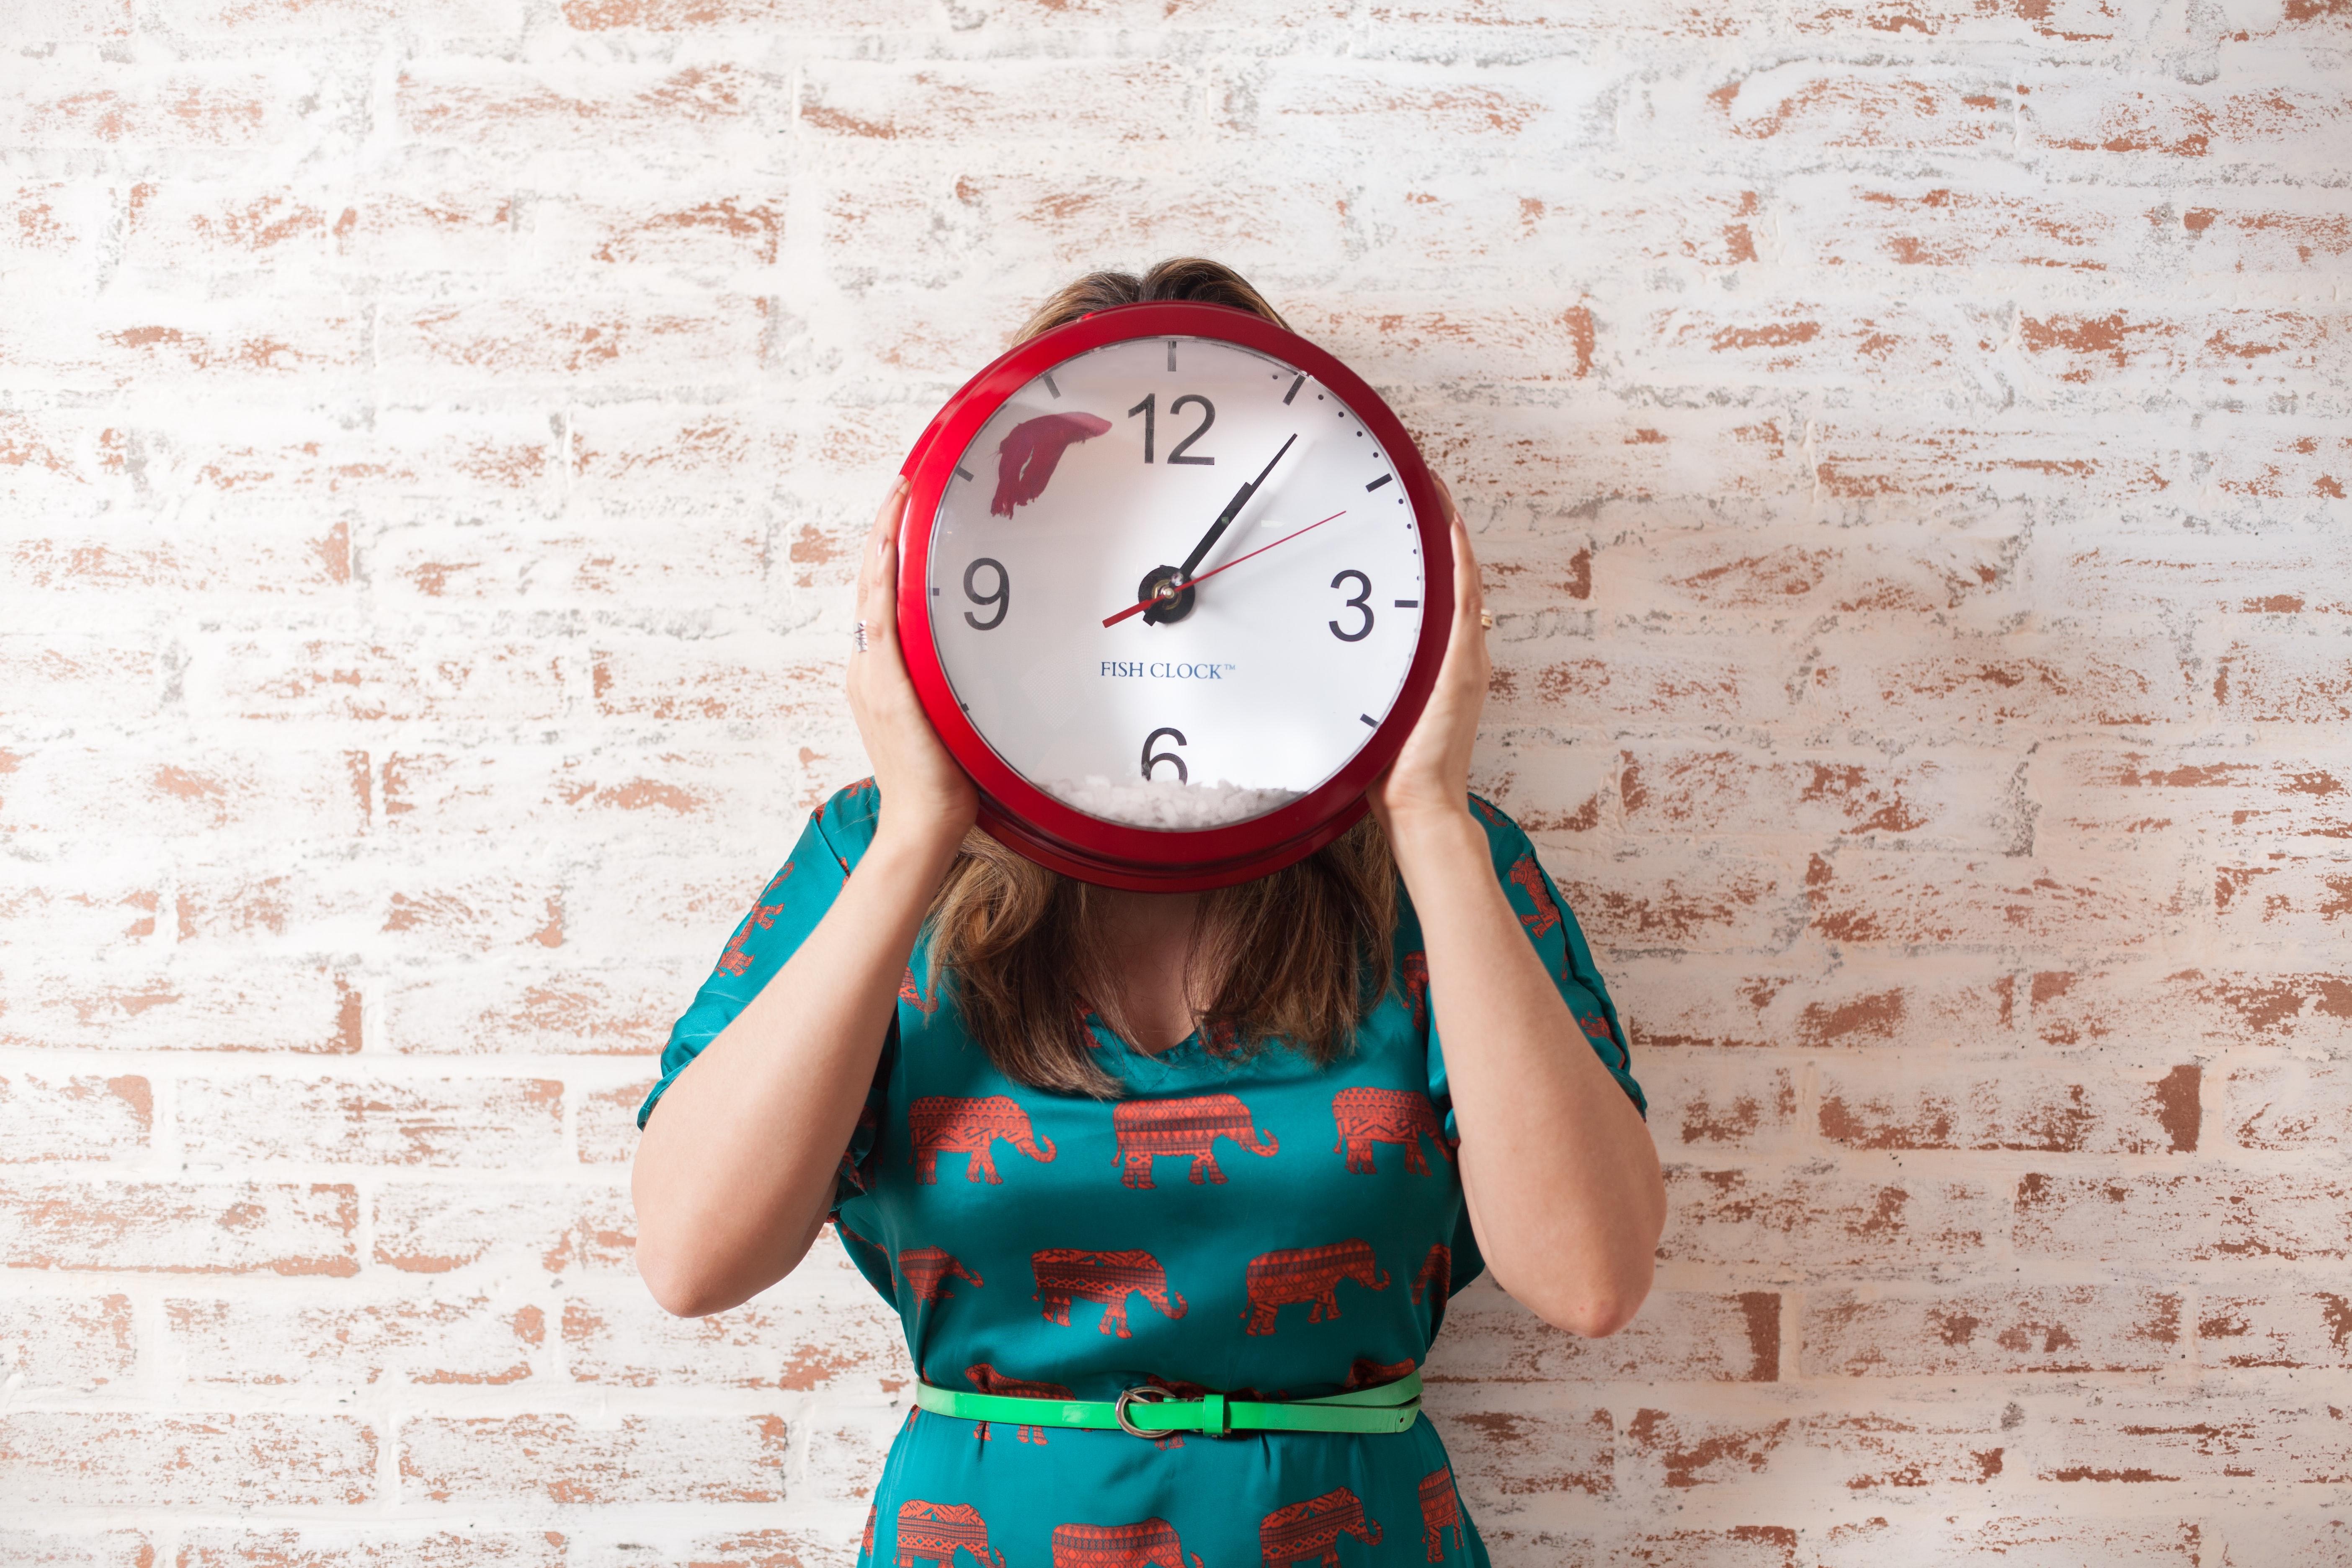 להפסיק להזיז את השעון